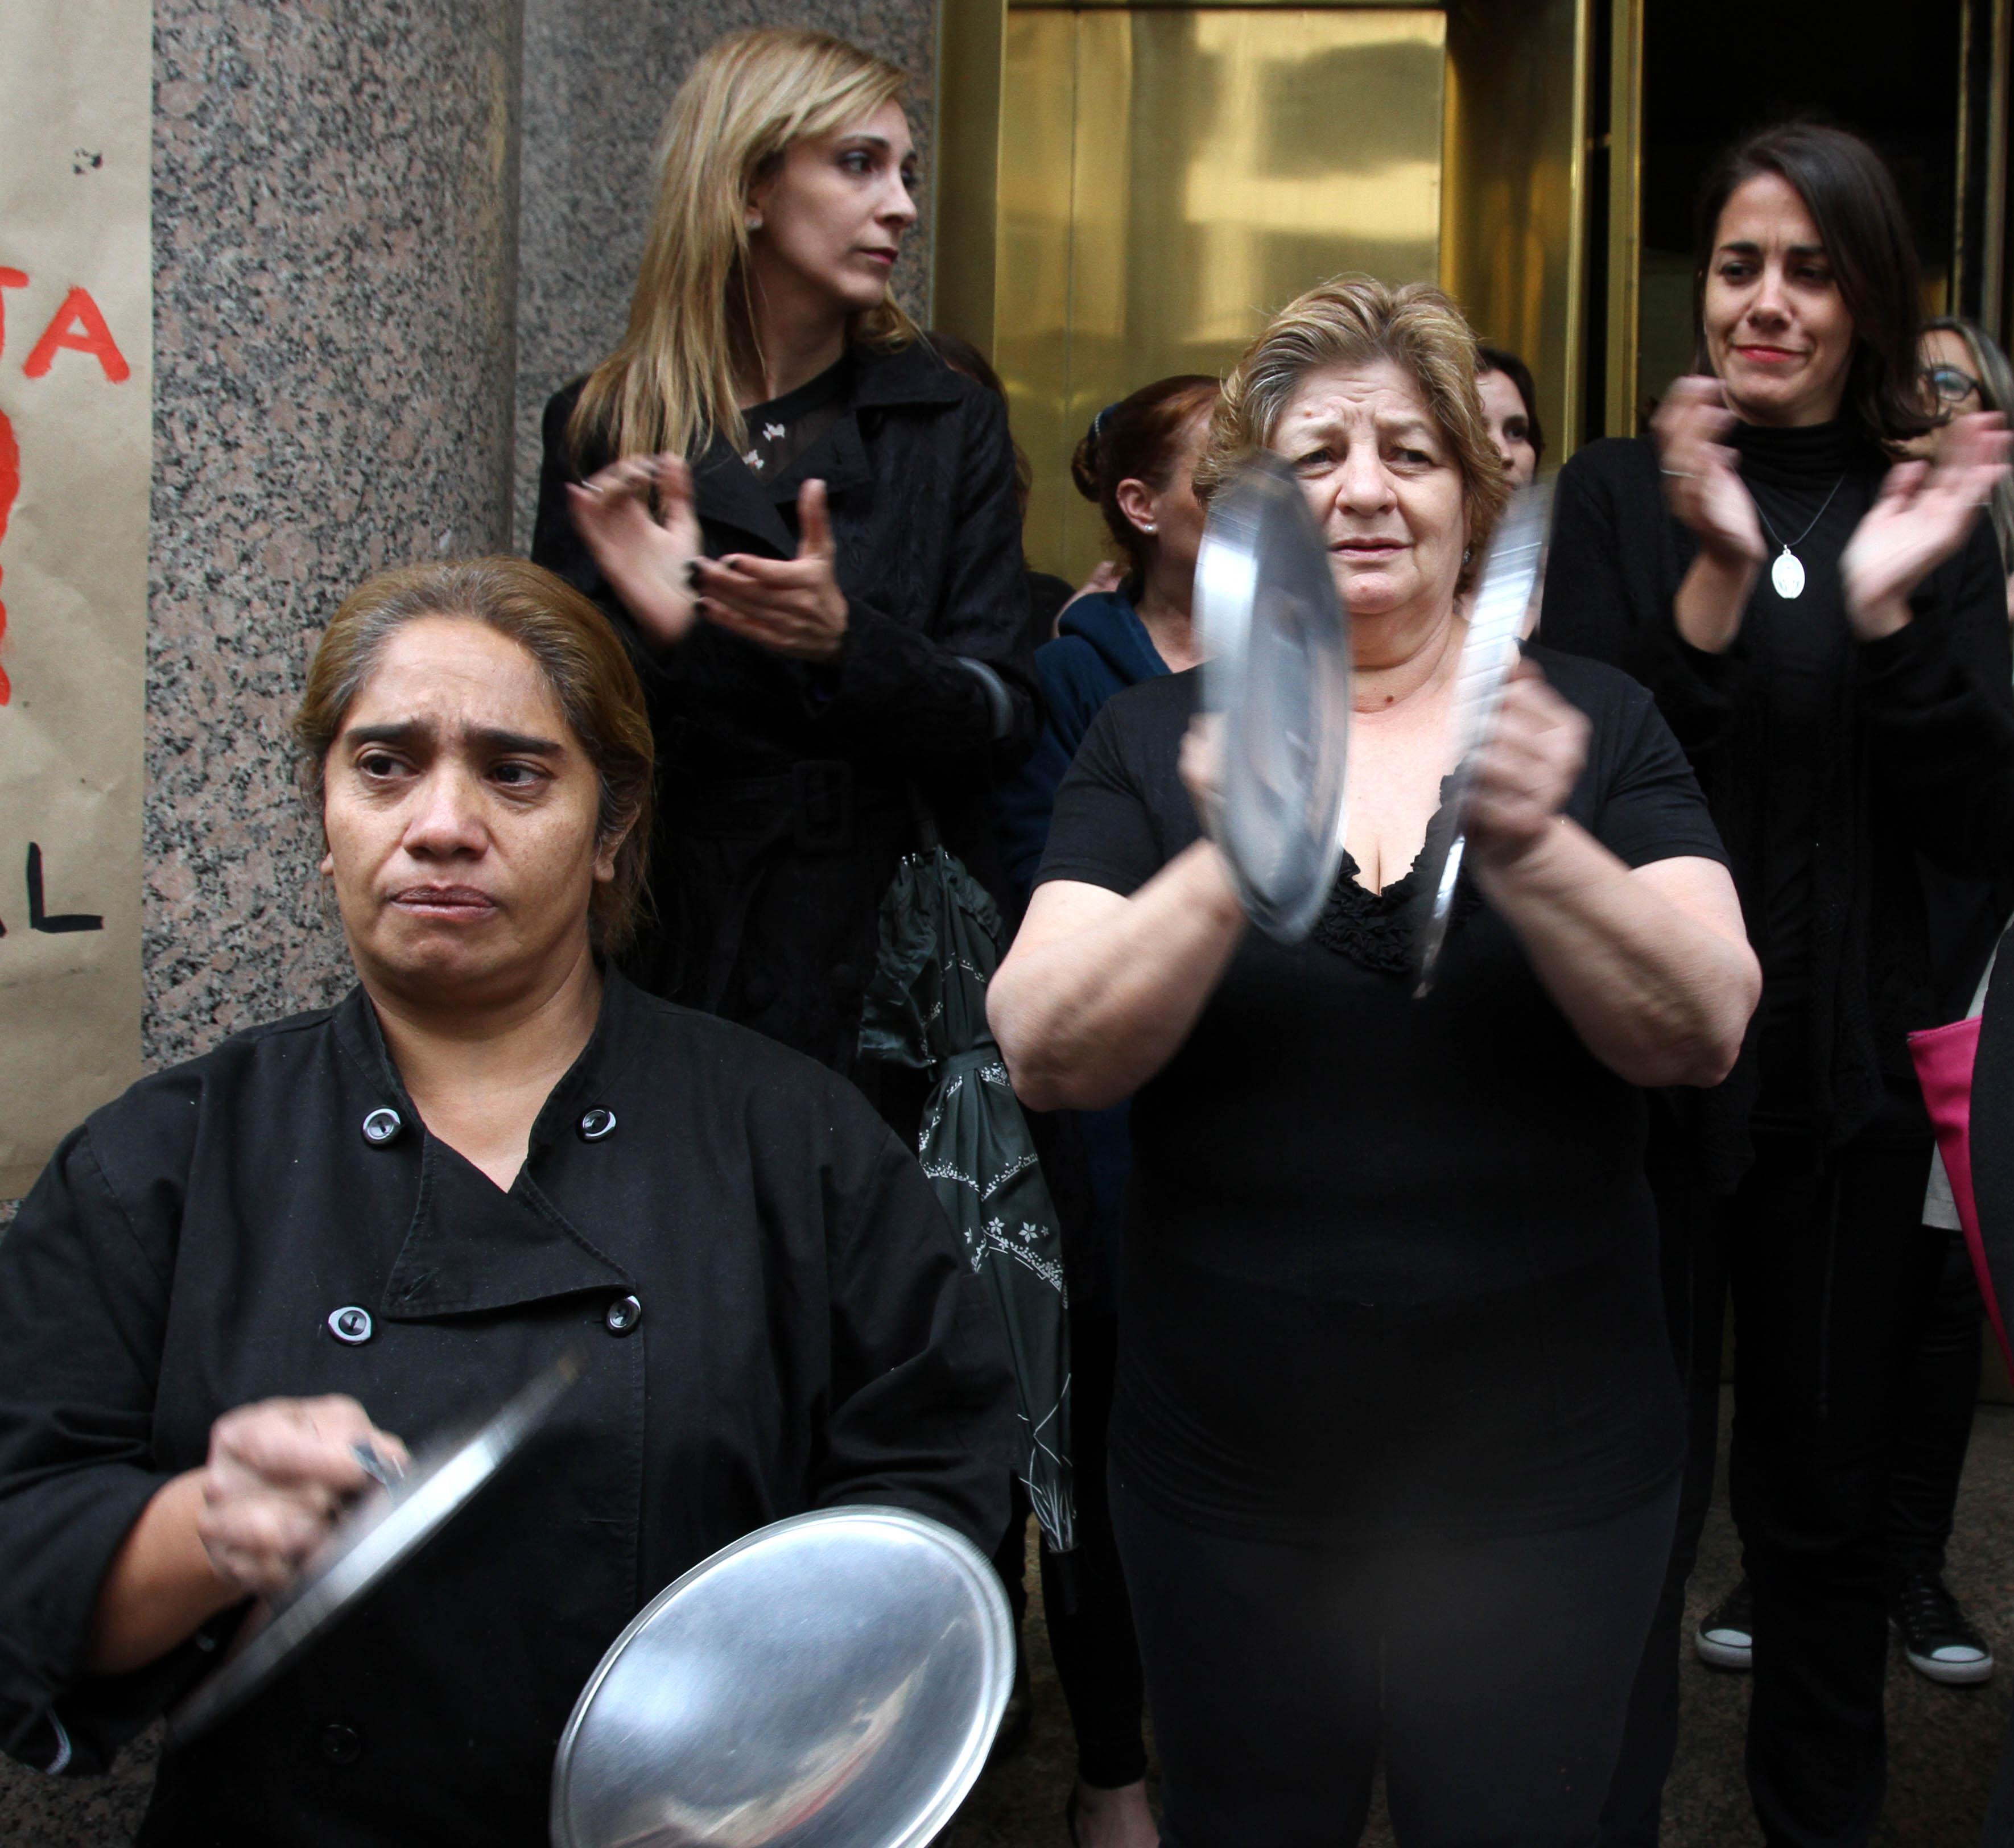 """DYN22, BUENOS AIRES 19/10/16, MUJERES PARA AL GRITO """"NI UNA MENOS"""" EN EL CENTRO PORTEÑO.FOTO:DYN/CARLOS GRECO."""